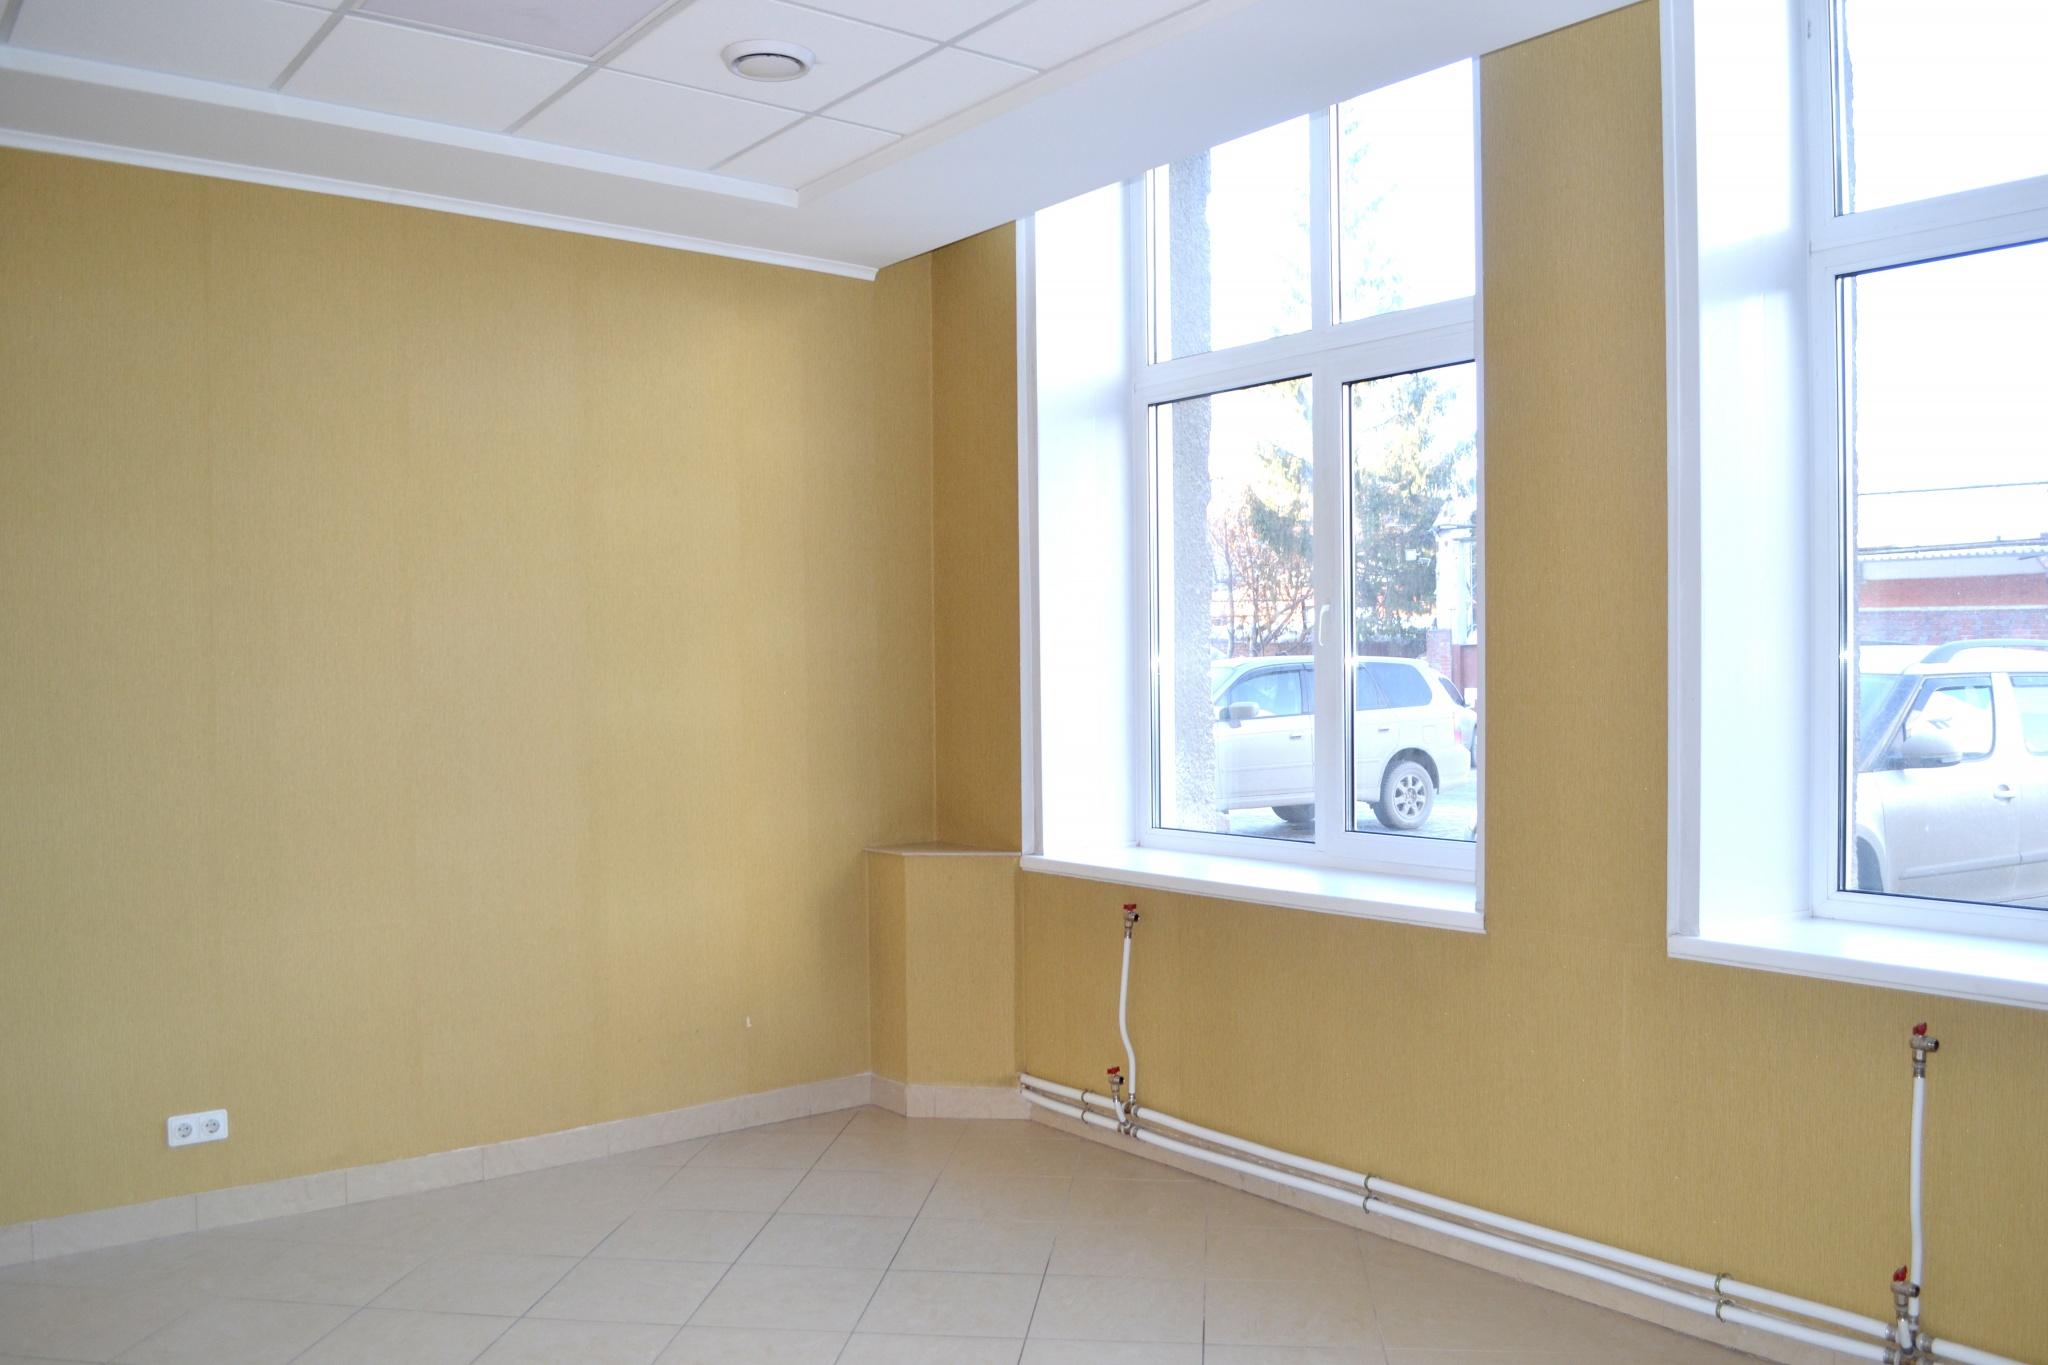 Аренда офисов новосибирск готовые офисные помещения Дубнинская улица